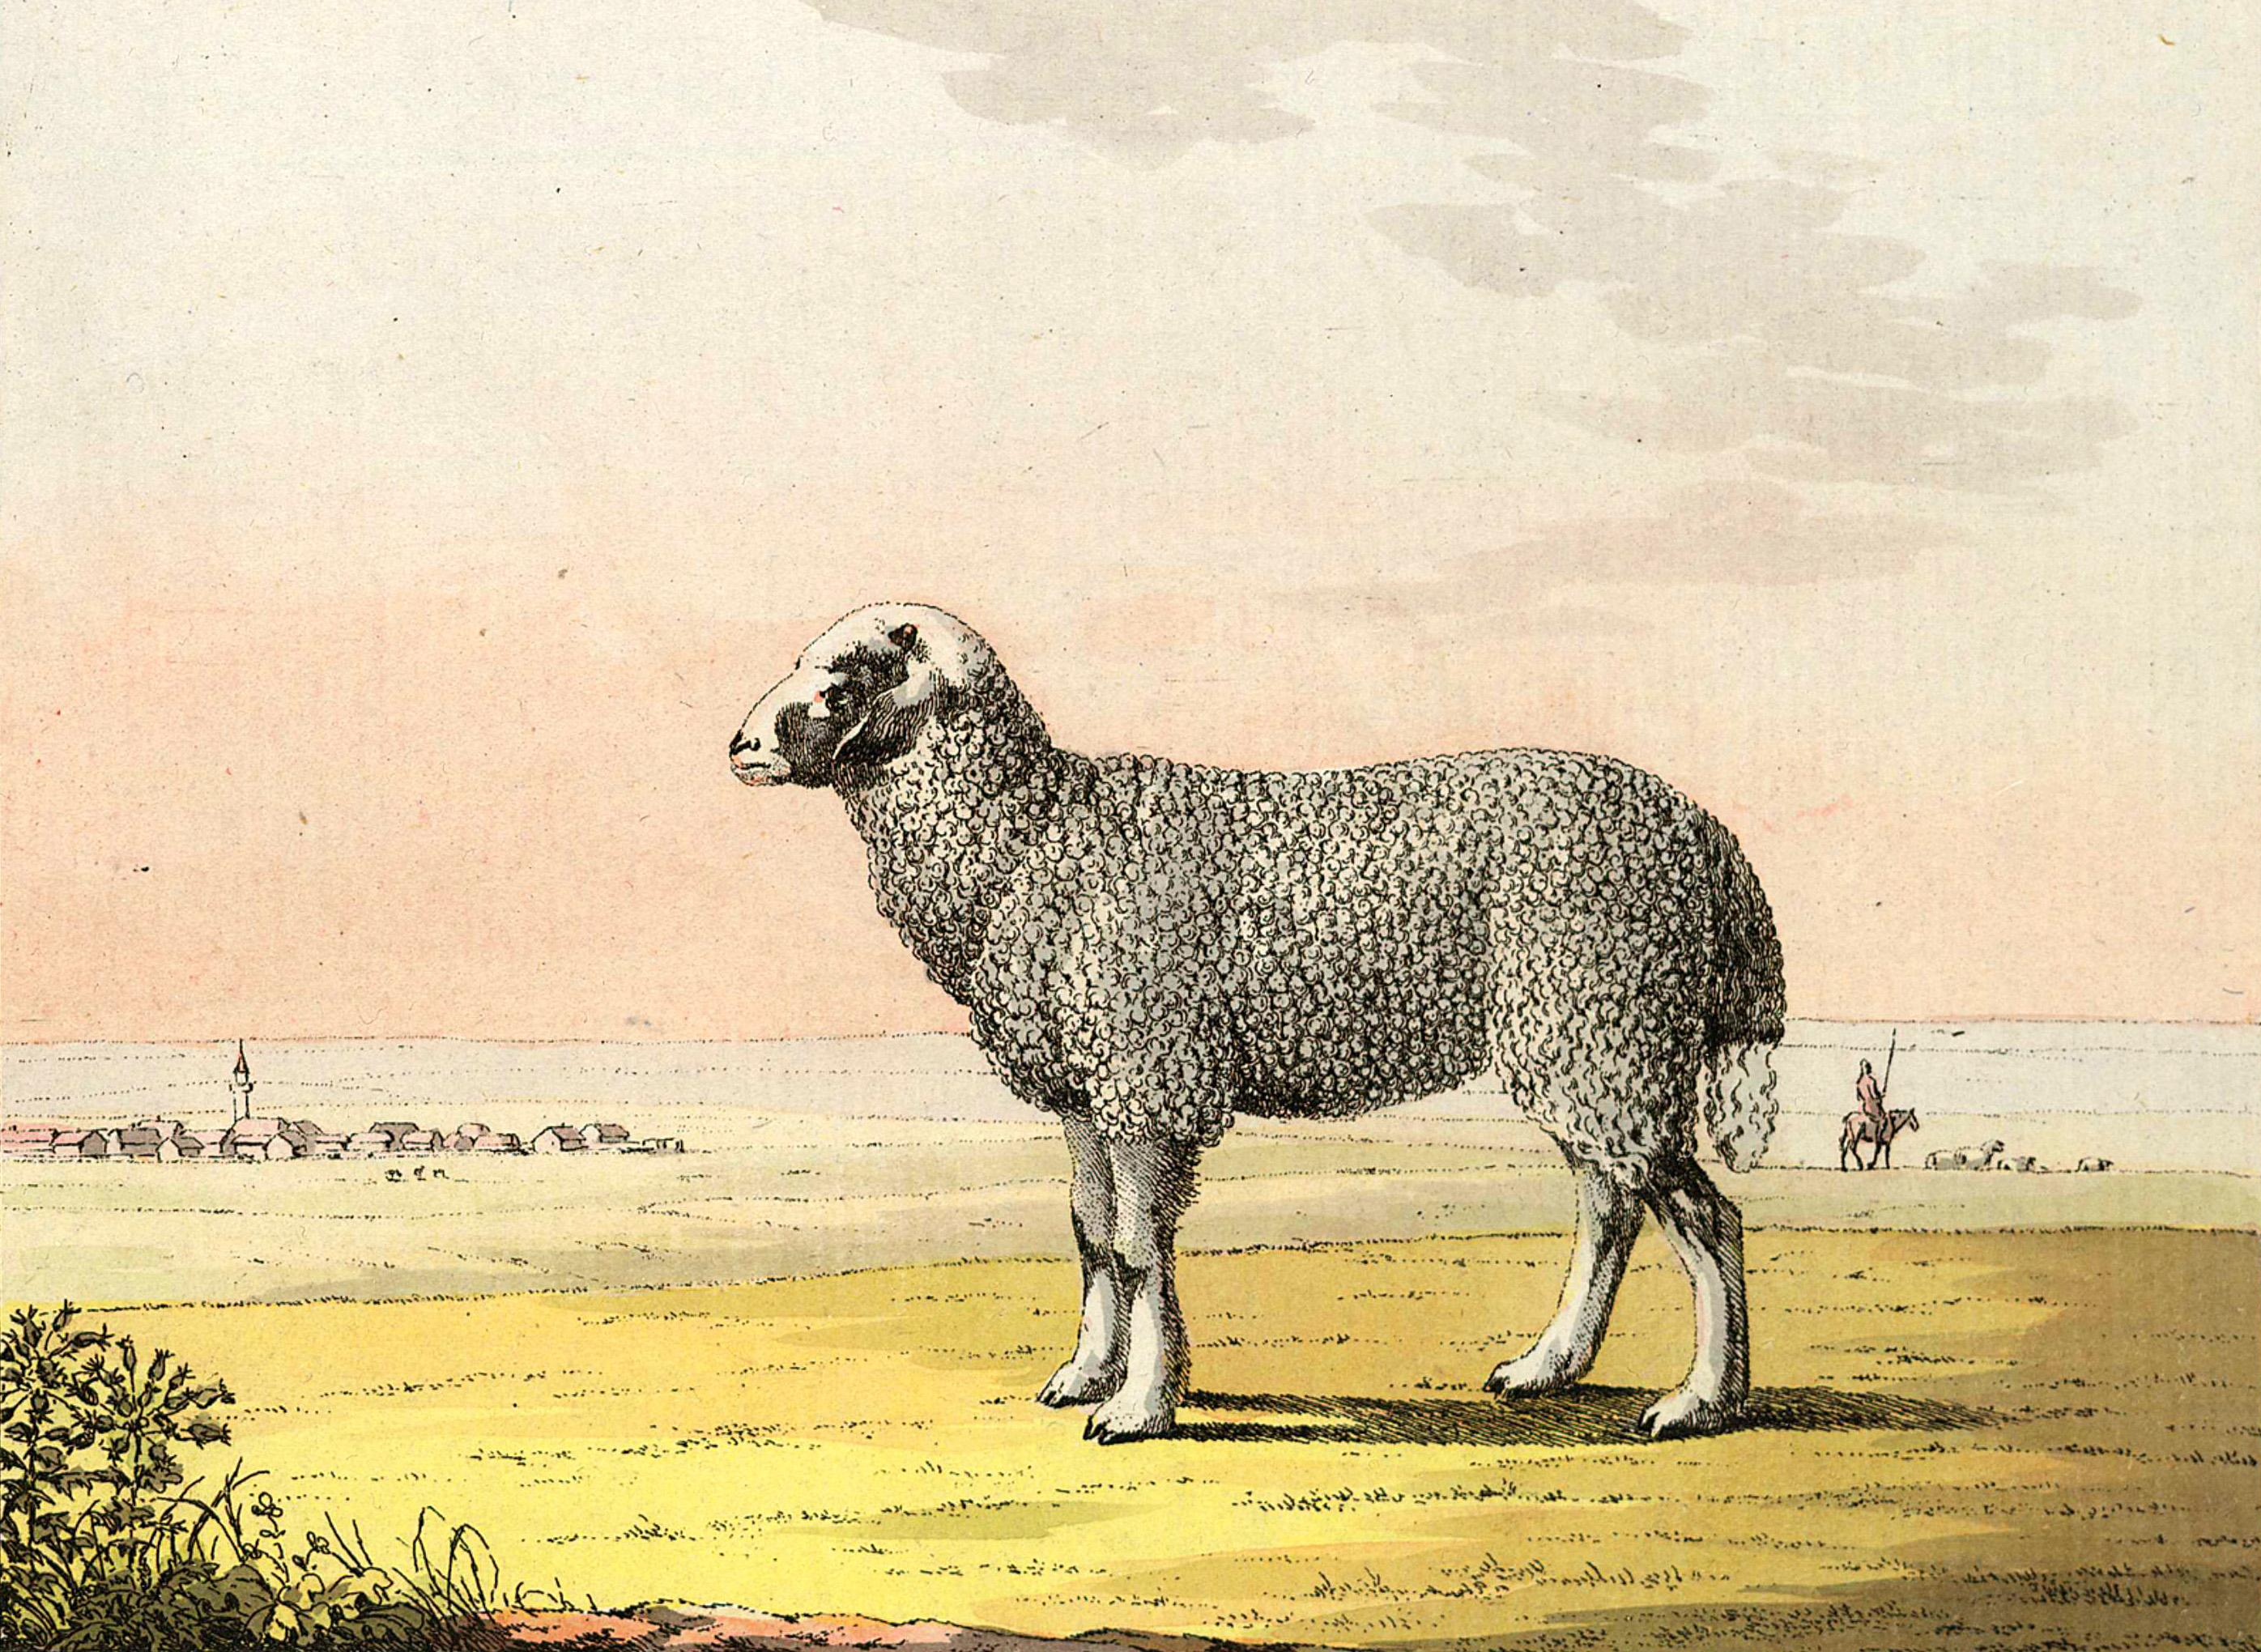 2-26. Овца — той же породы с серебристо-серой волнистой шерстью. На заднем плане — татарская деревня без садов, как то бывает в равнинах.